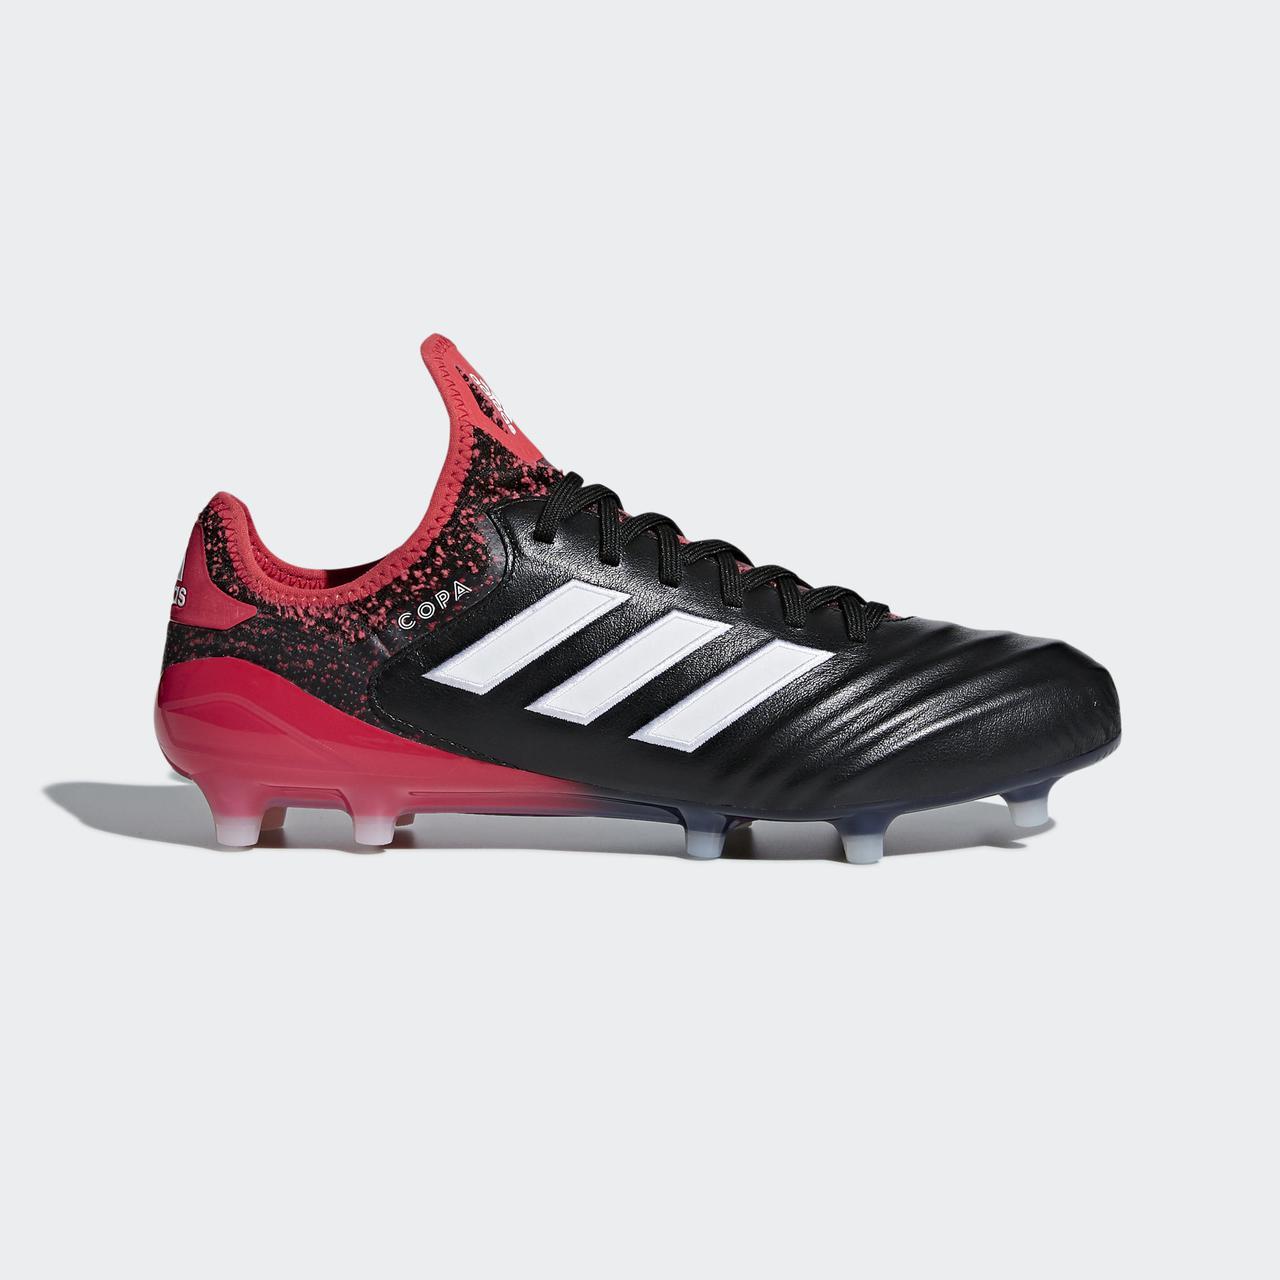 ec86dc959f1b Купить Футбольные бутсы Adidas Performance Copa 18.1 FG (Артикул ...